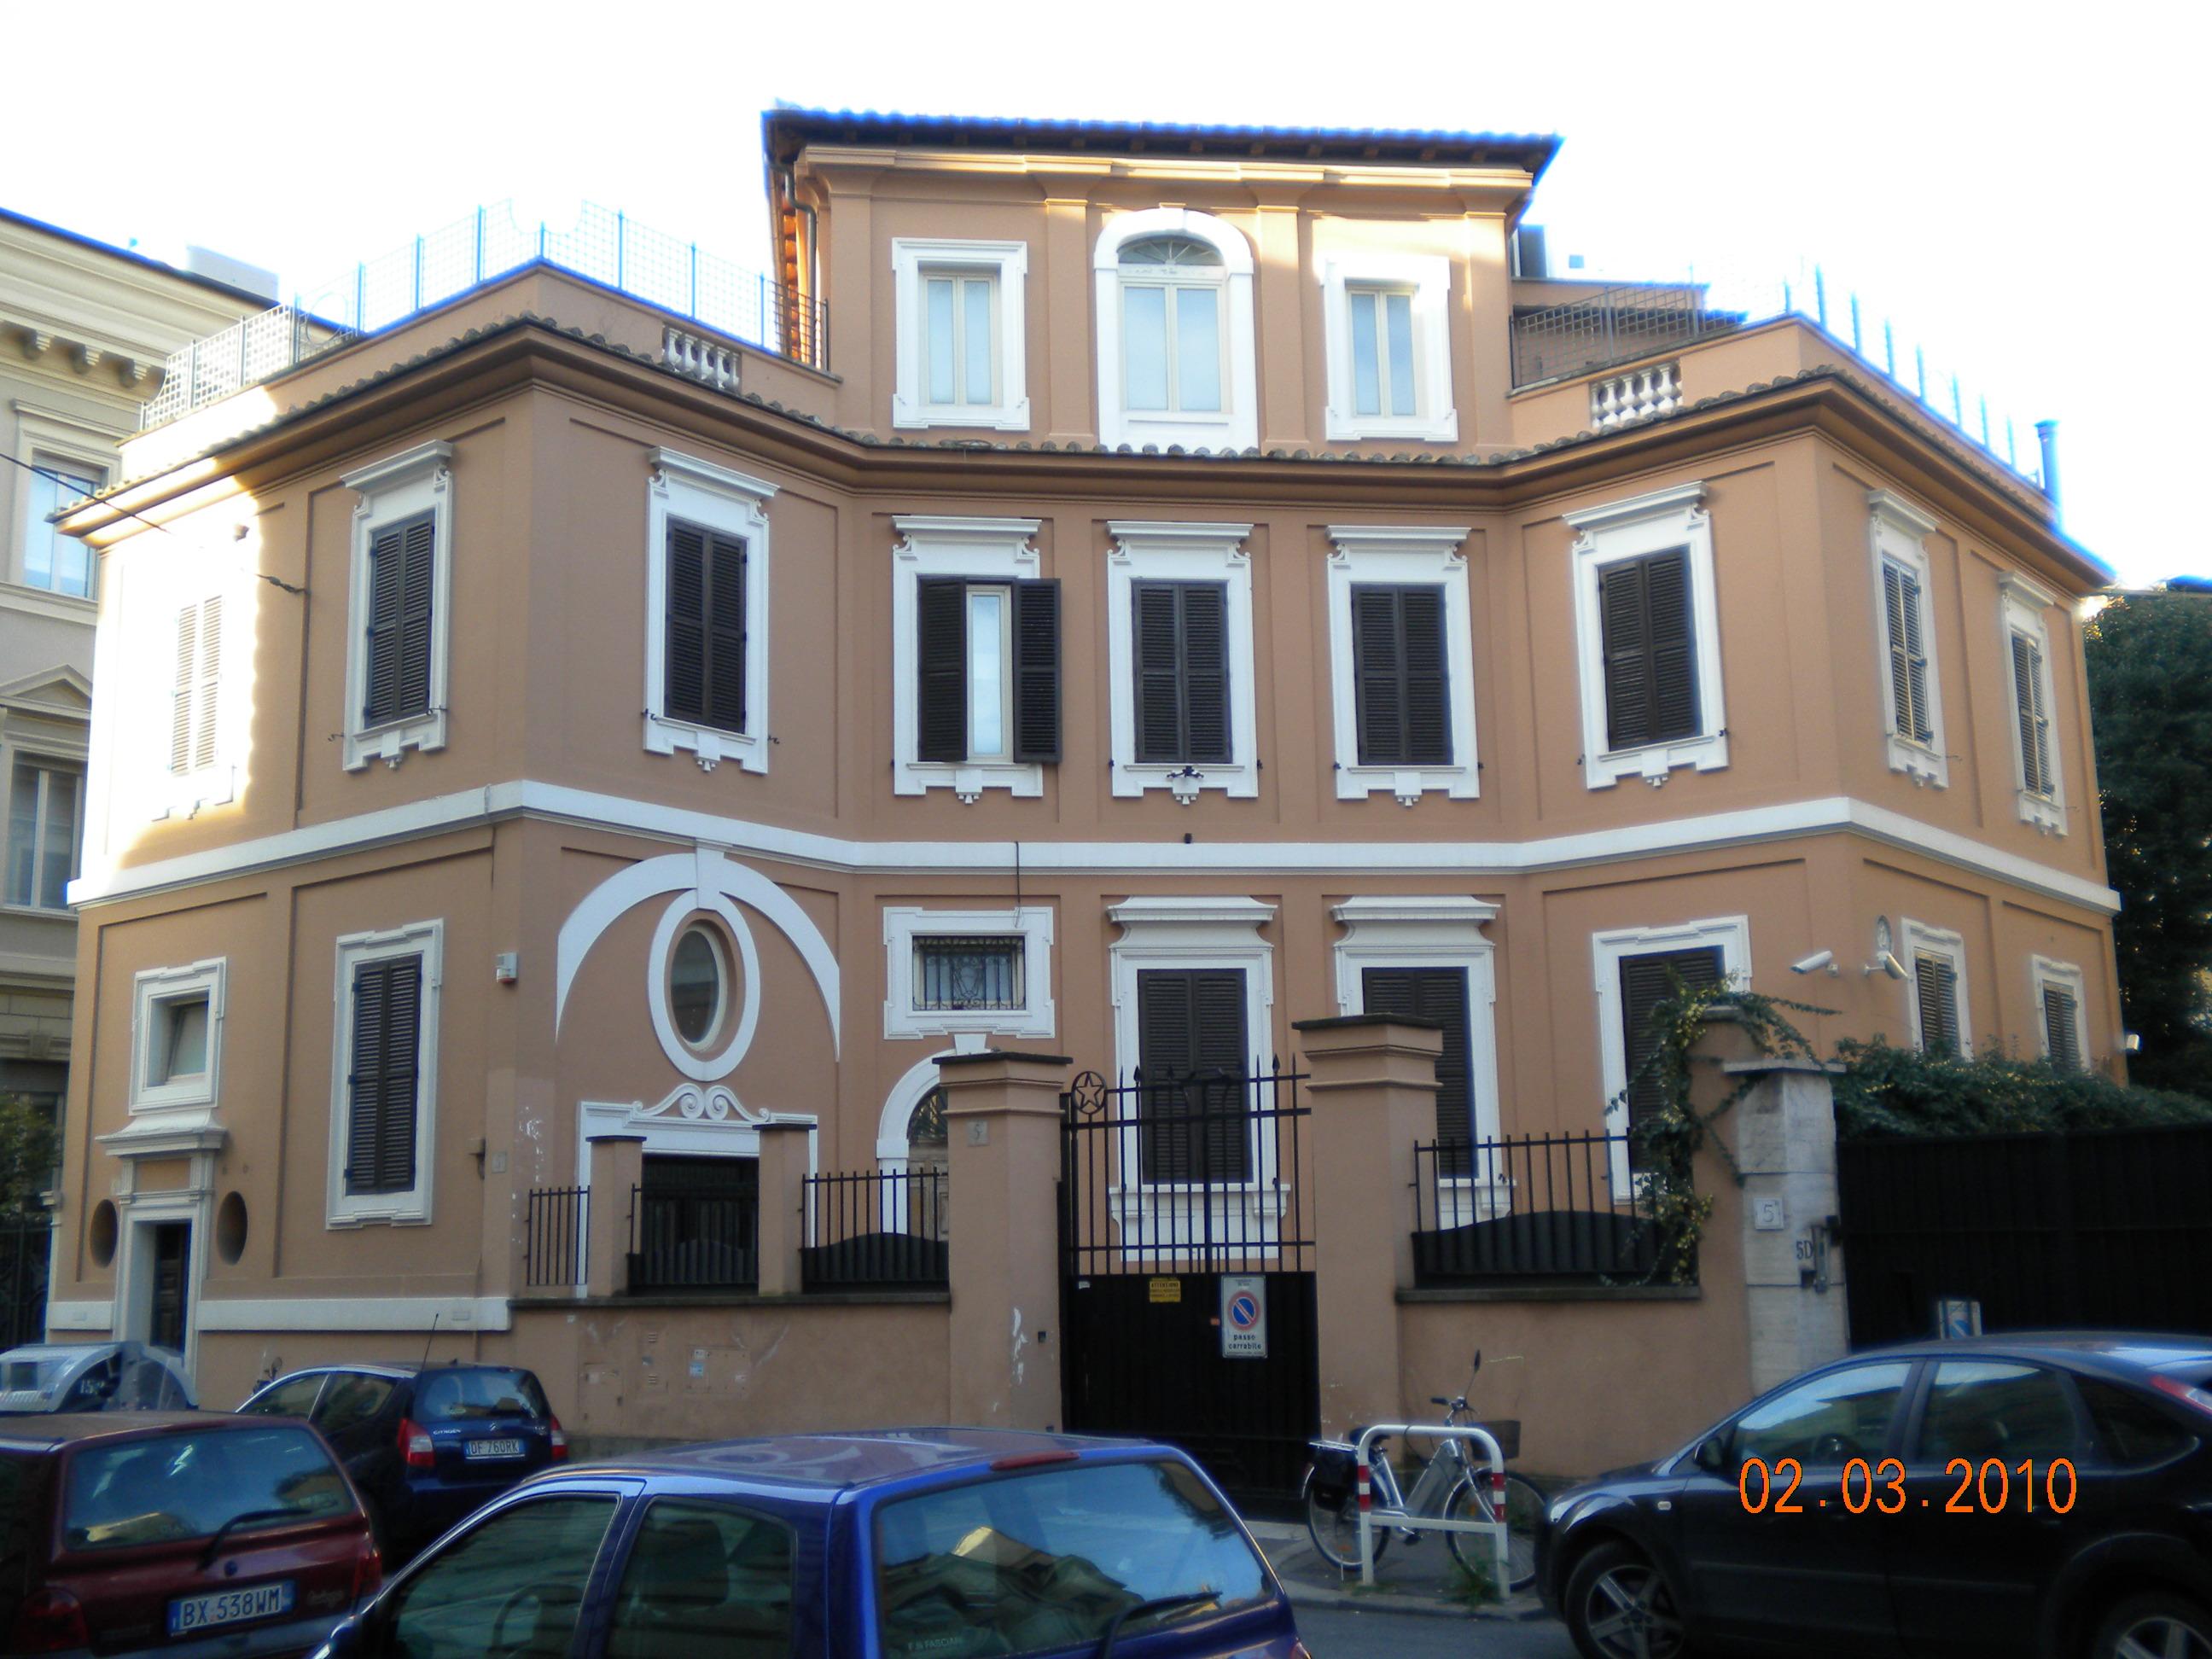 Telecom ristrutturazione uffici Roma Progetto D.L. e Sicurezza